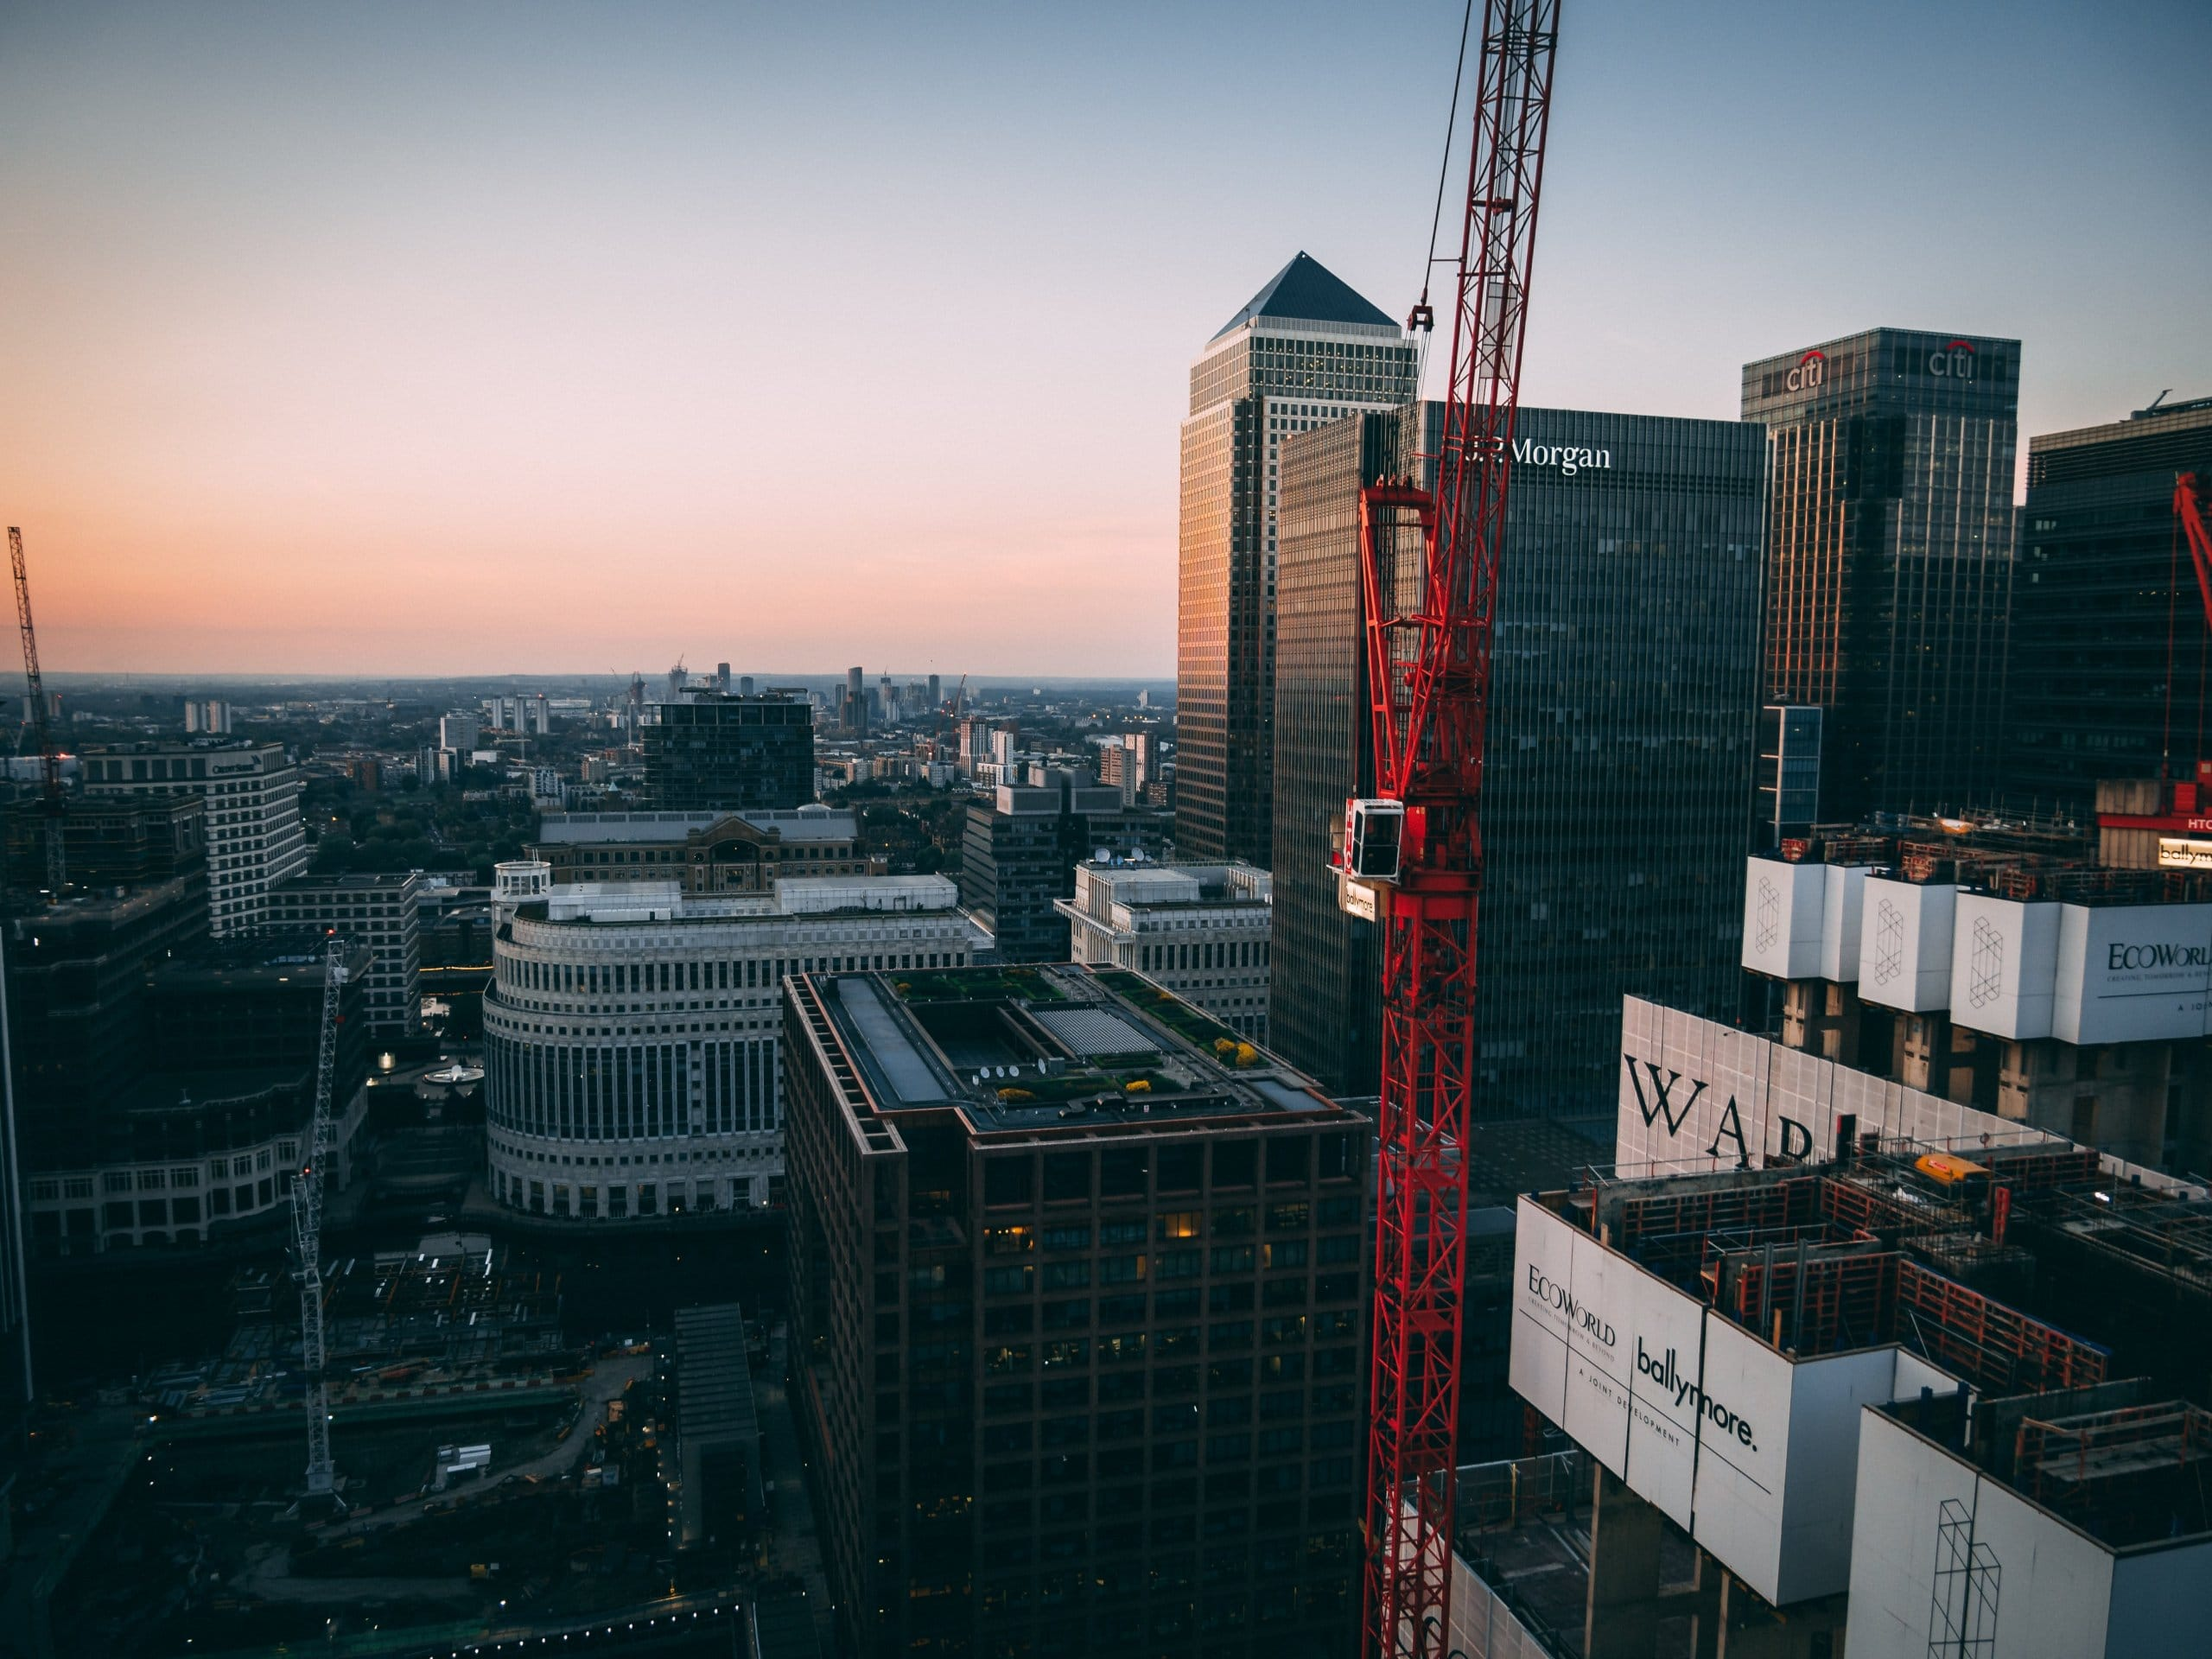 red tower crane between buildings